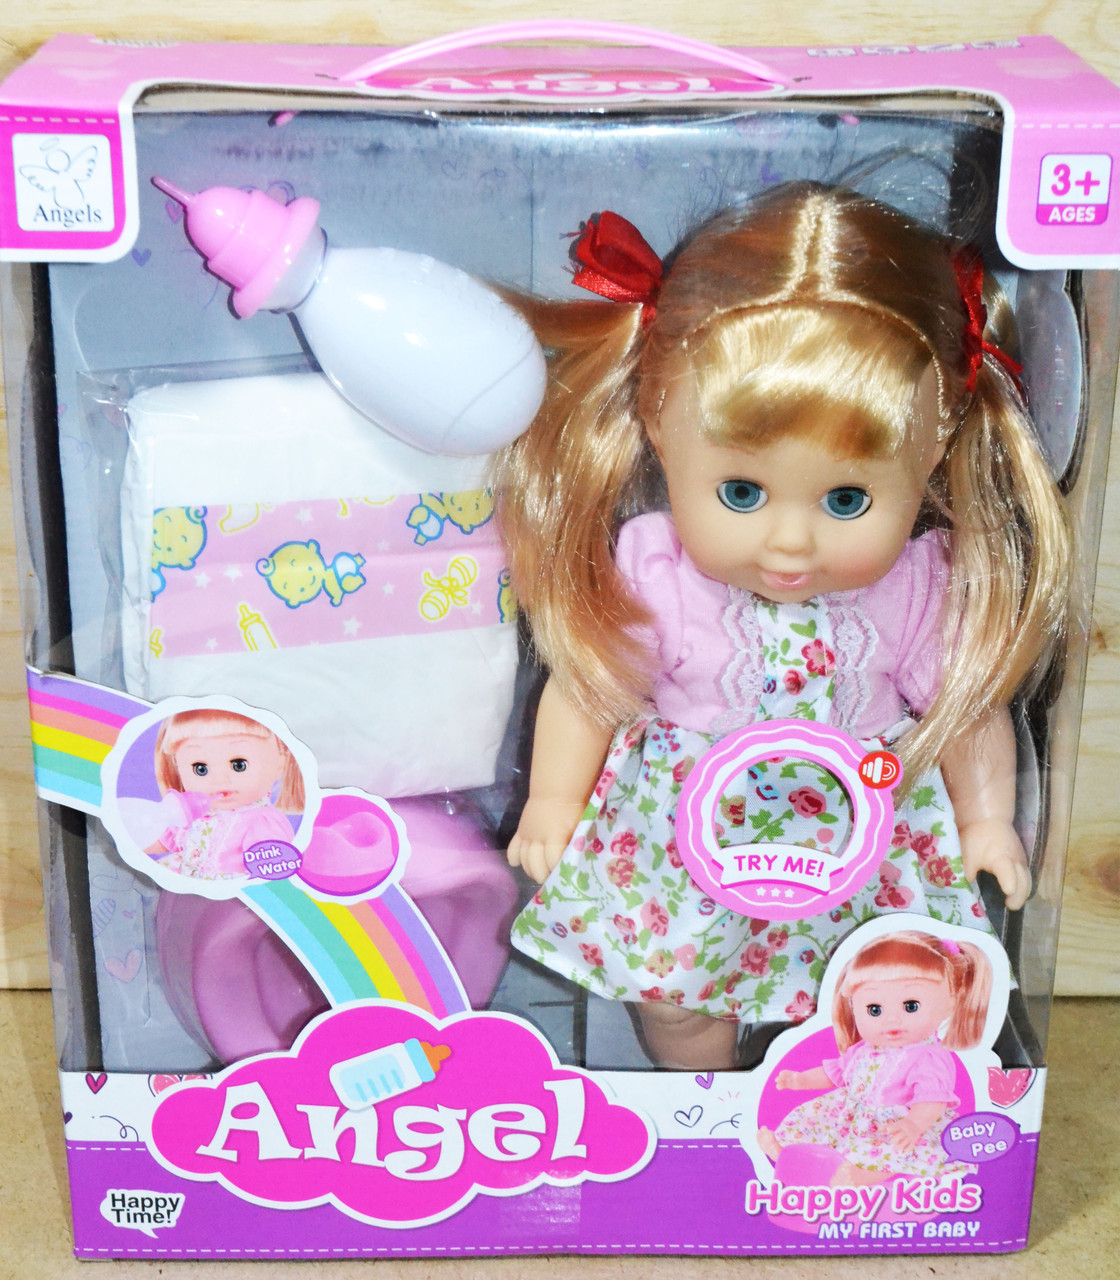 9007 Кукла Angel пупс с горшком и другими аксессуарами 33*28